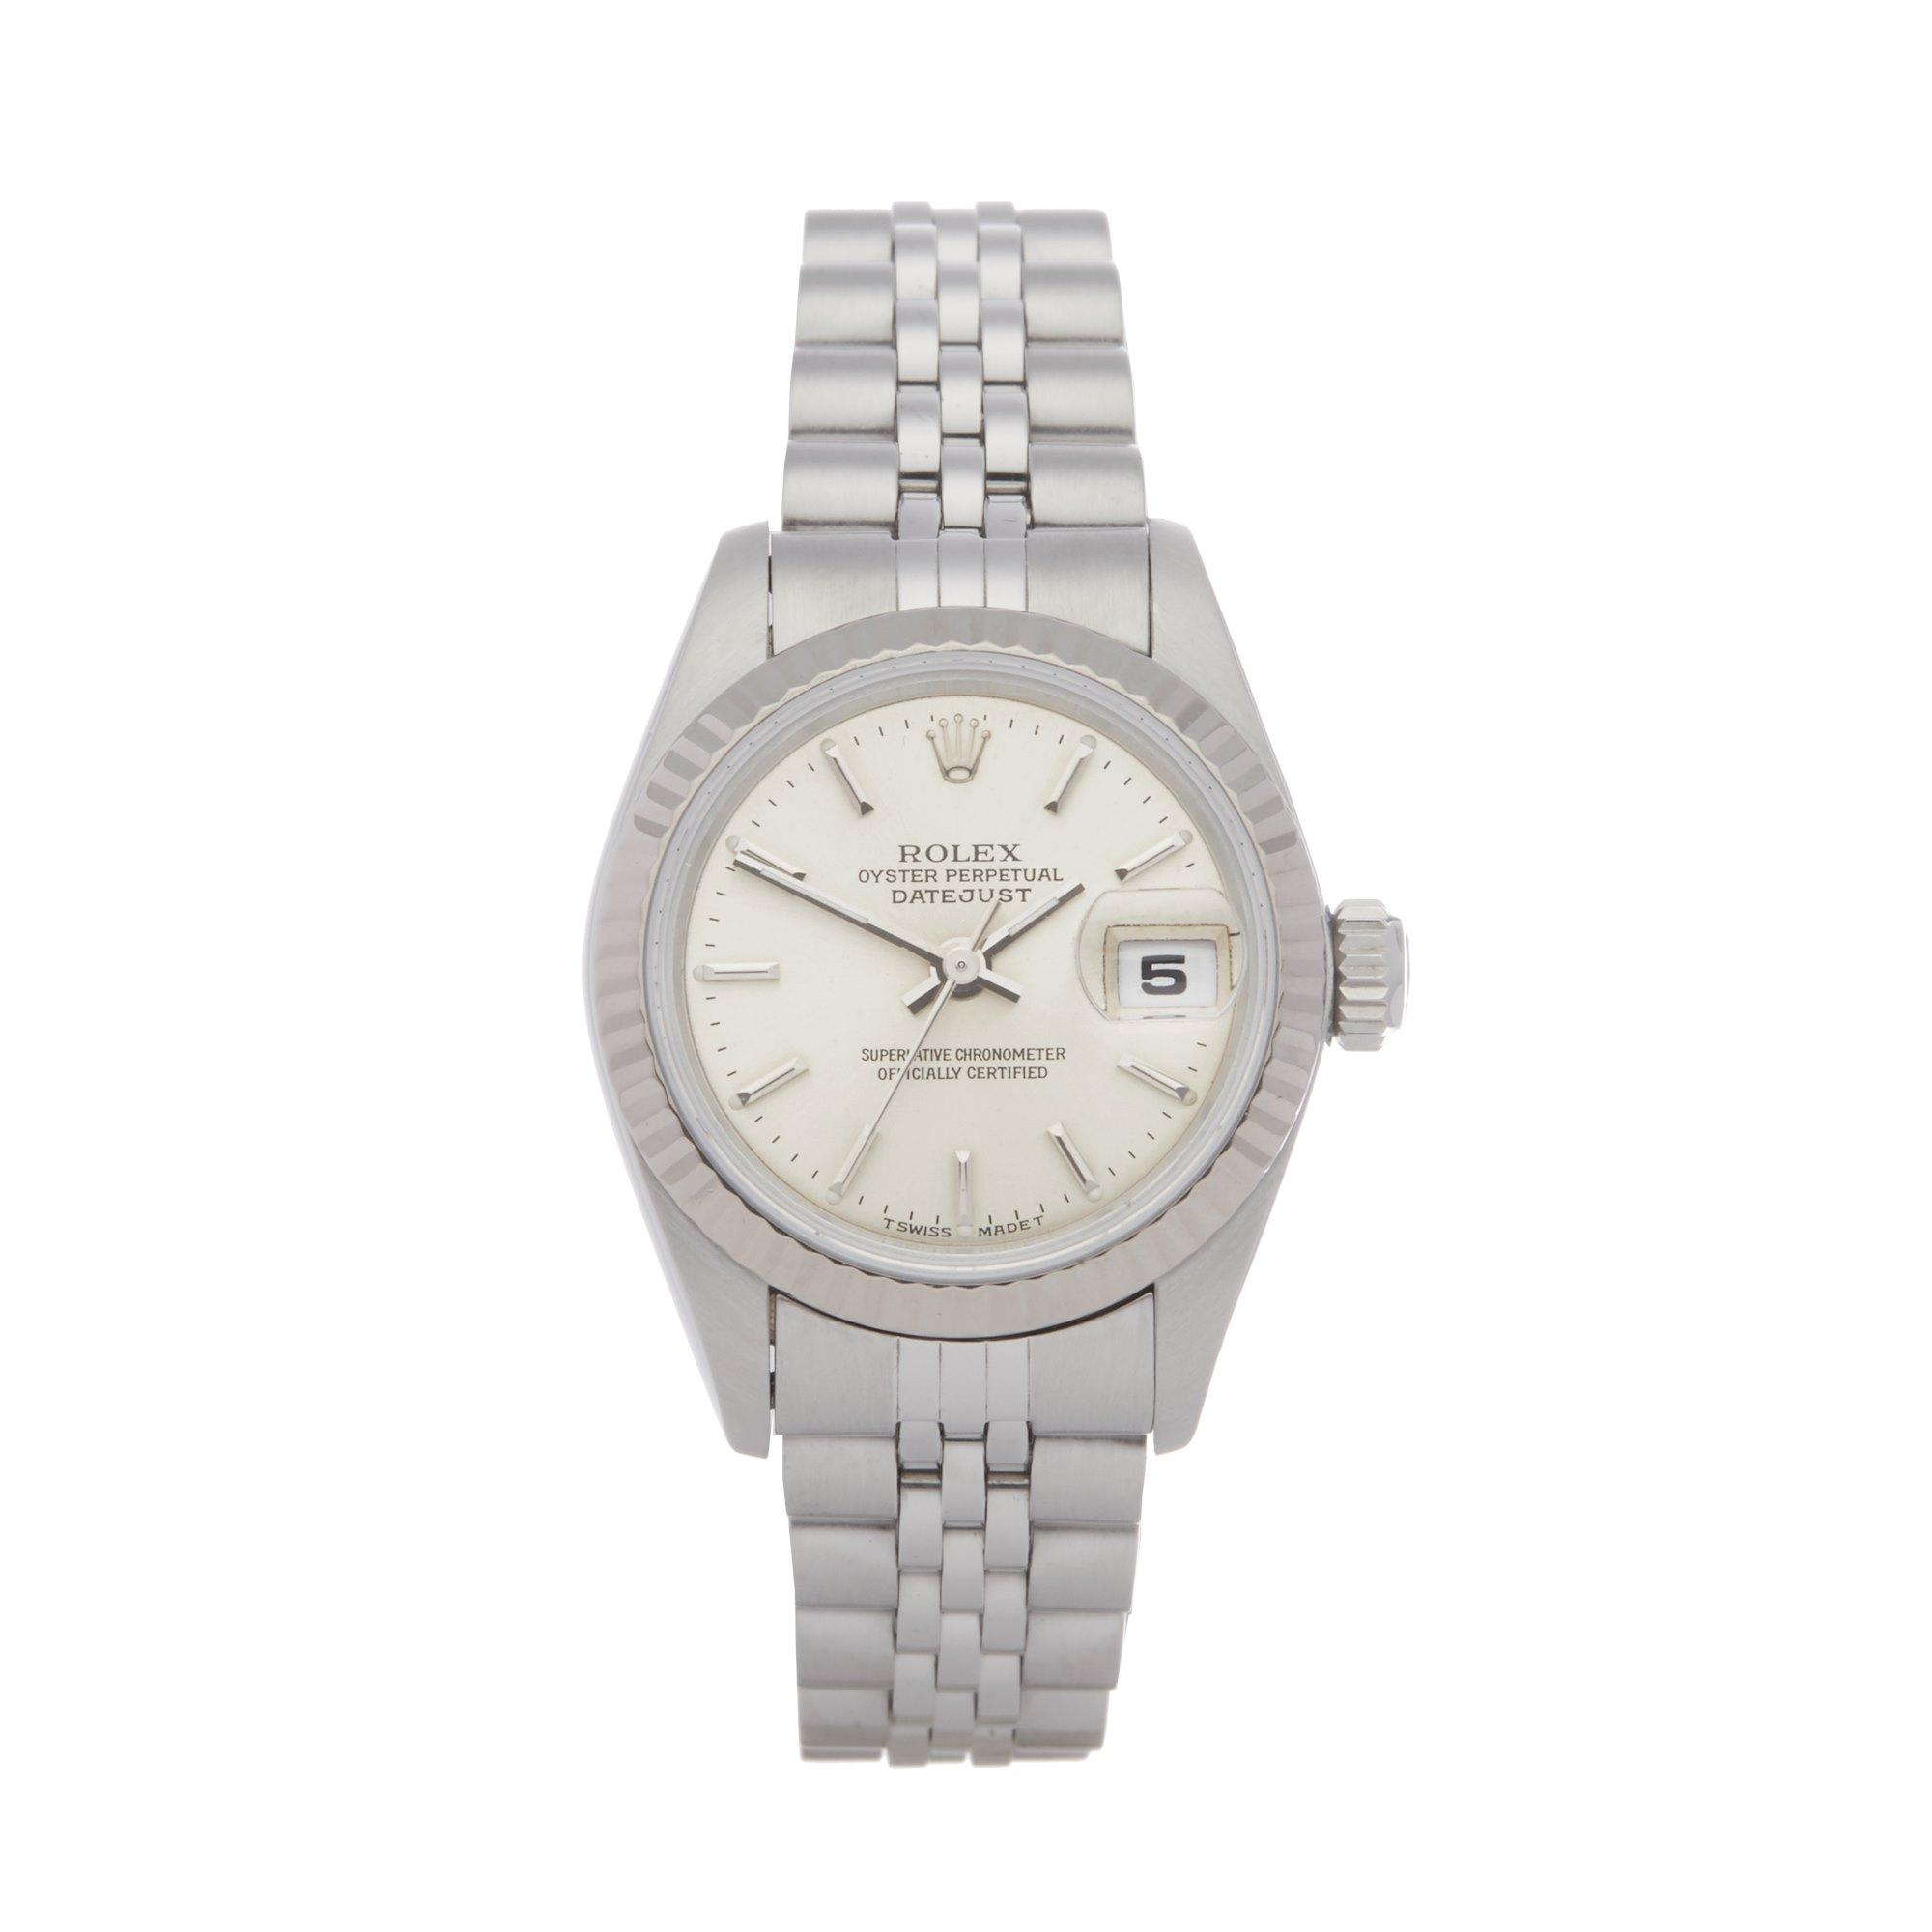 Rolex Datejust 26 69174 Ladies Stainless Steel Watch